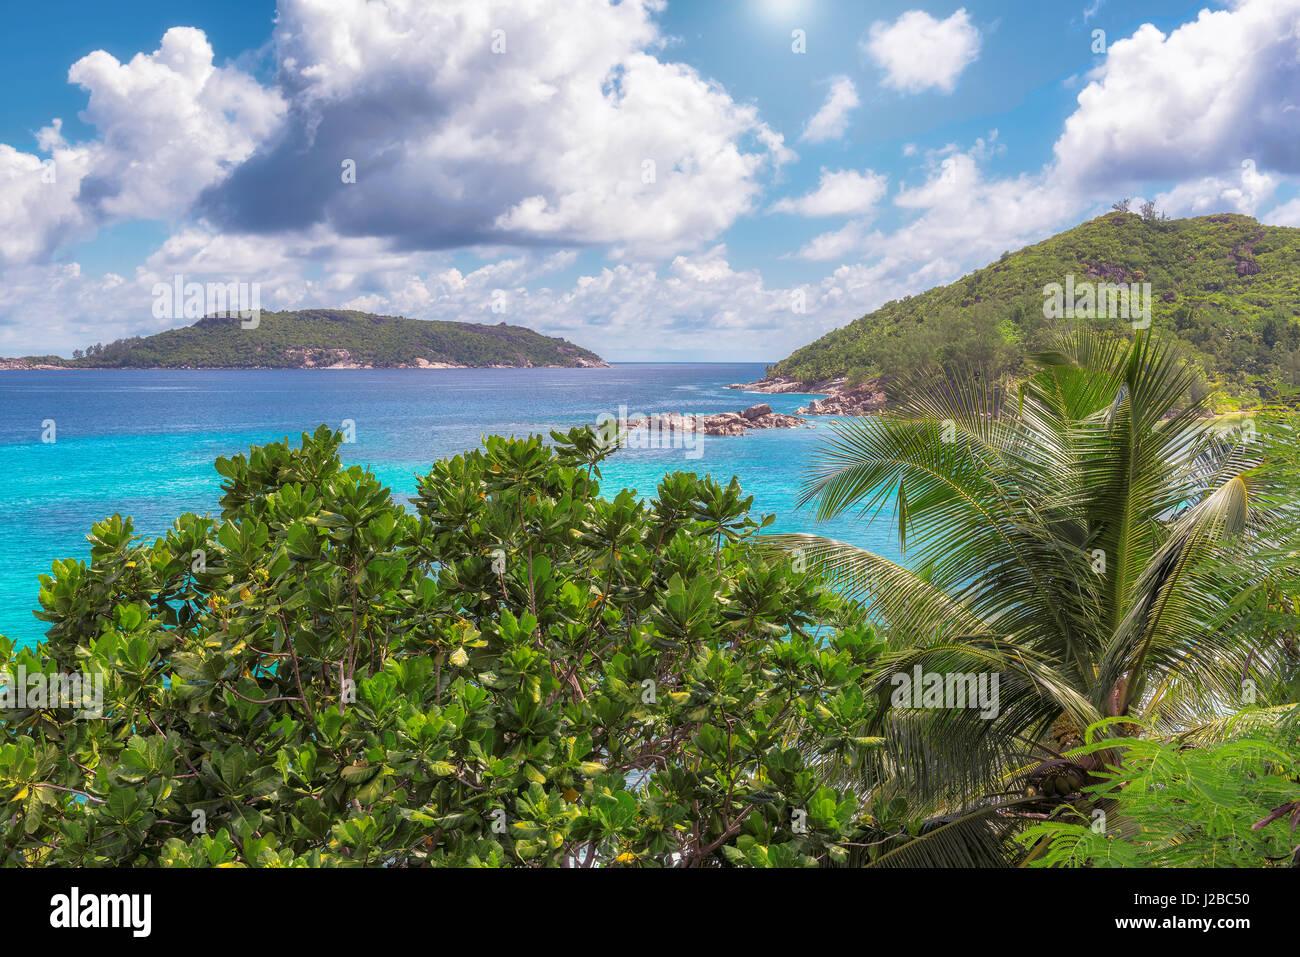 Vista la fantastica isola di Mahe, Seychelles. Foto Stock